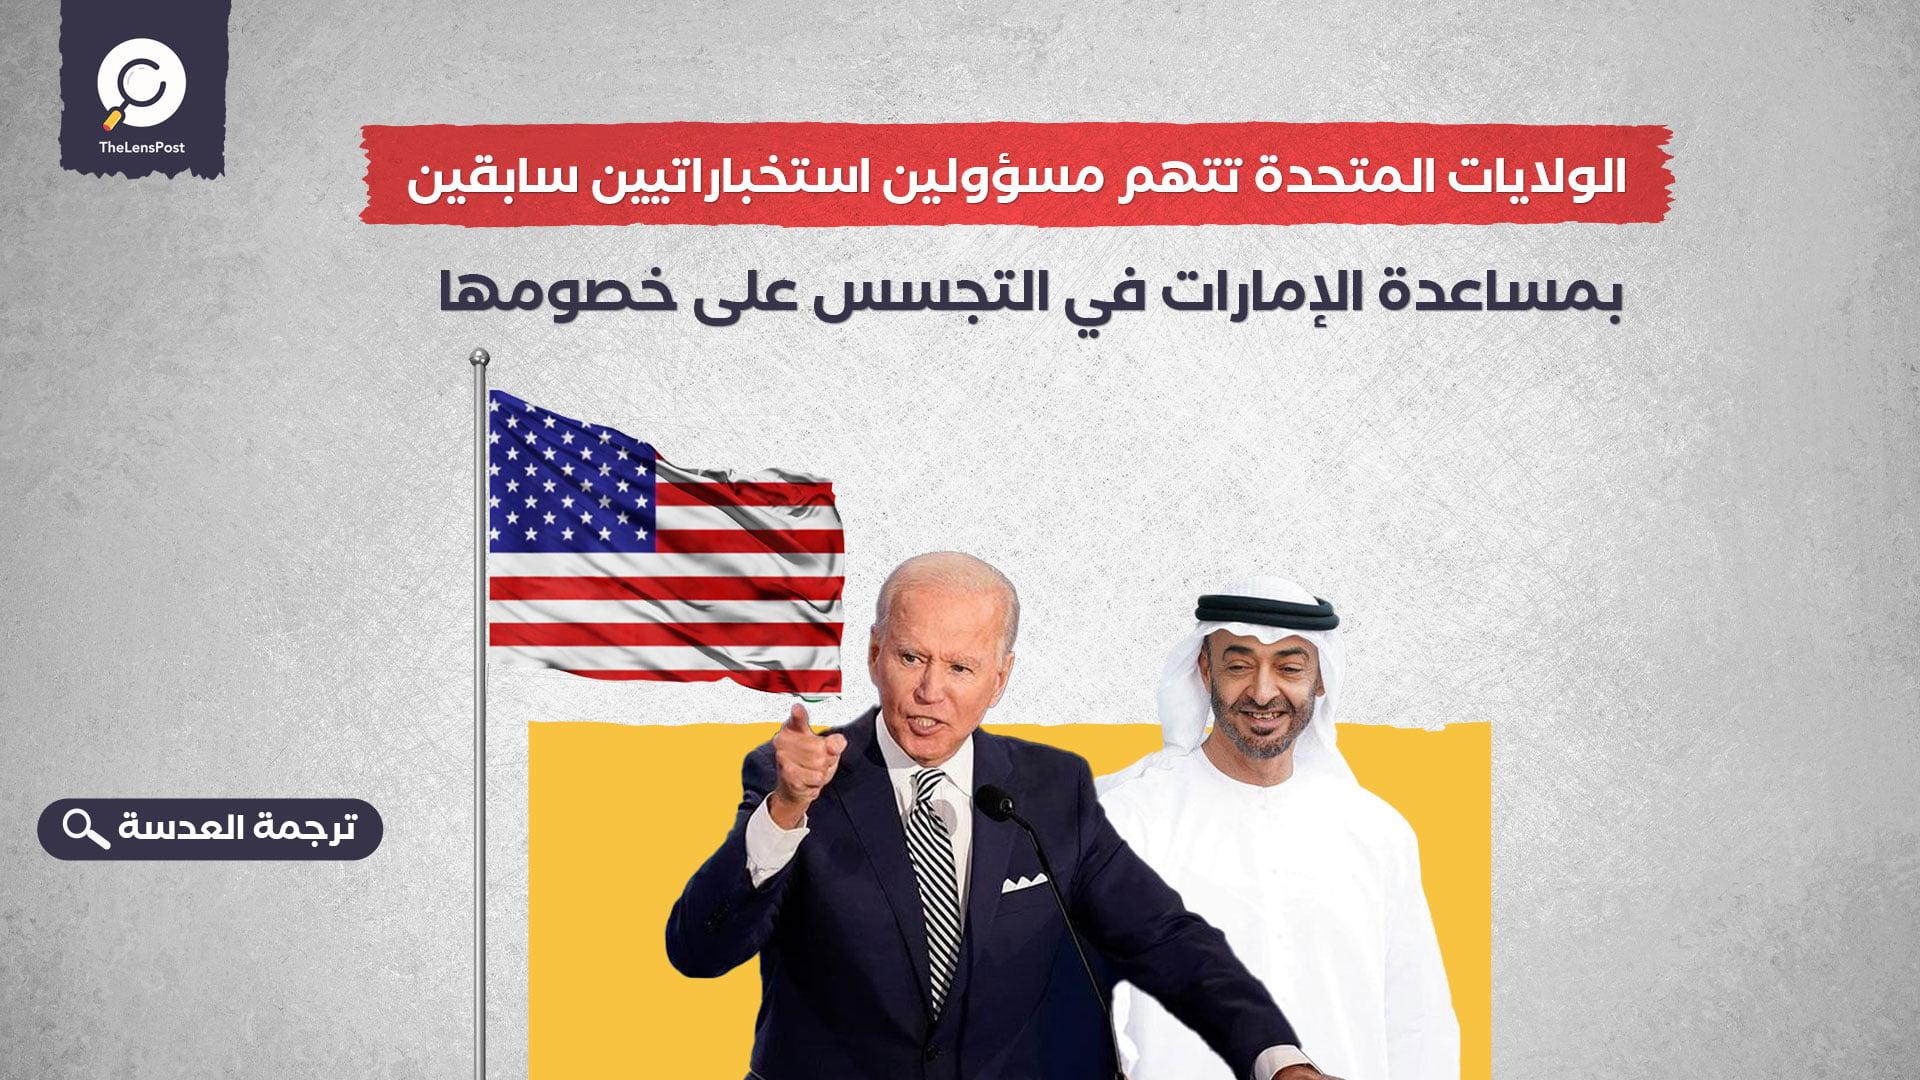 الولايات المتحدة تتهم مسؤولين استخباراتيين سابقين بمساعدة الإمارات في التجسس على خصومها